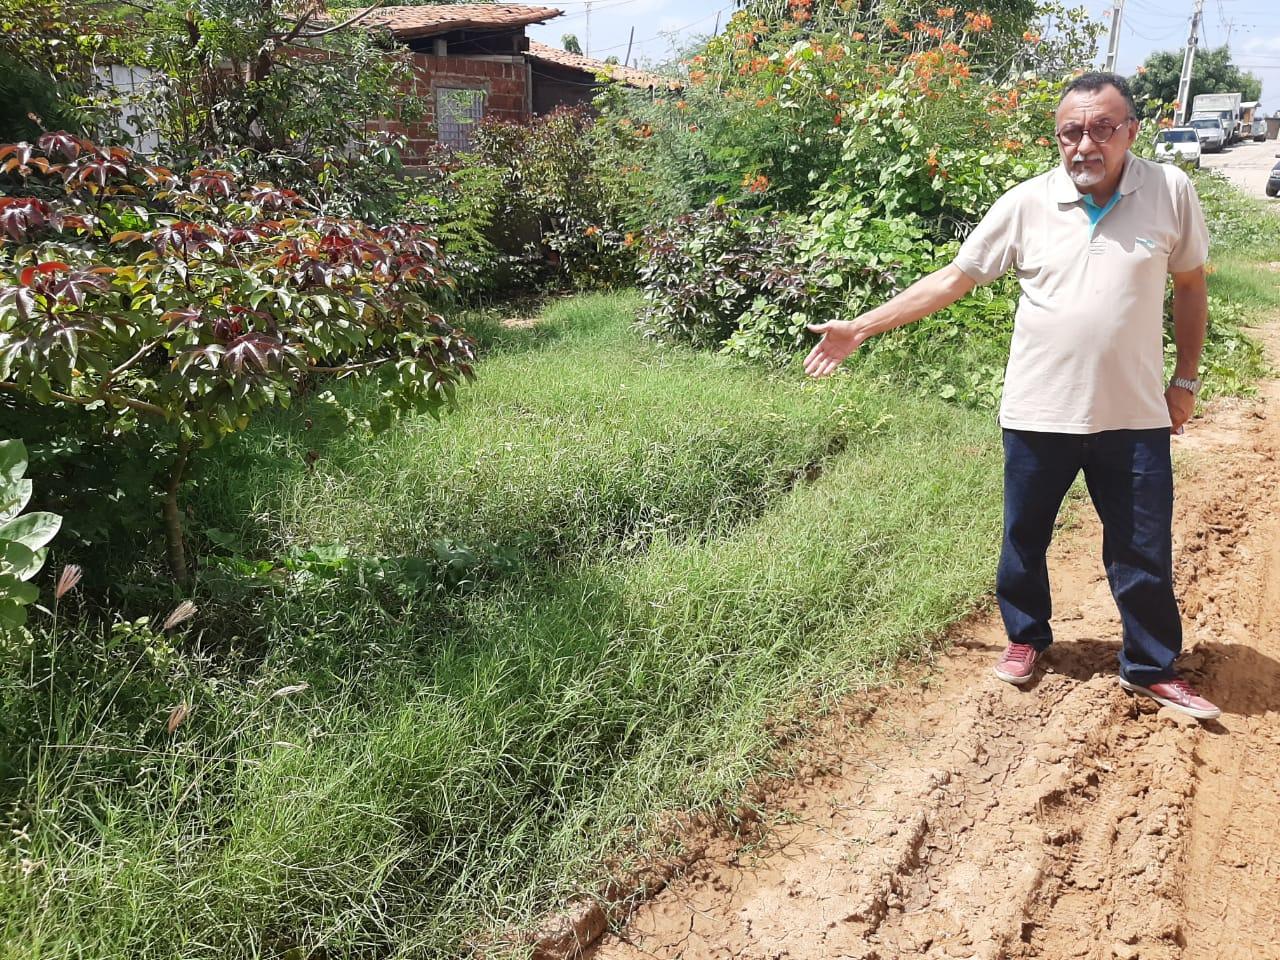 Moradores do Bairro Jardim Magnólia em Patos, vivem um caos. Afirma vereador Zé Gonçalves